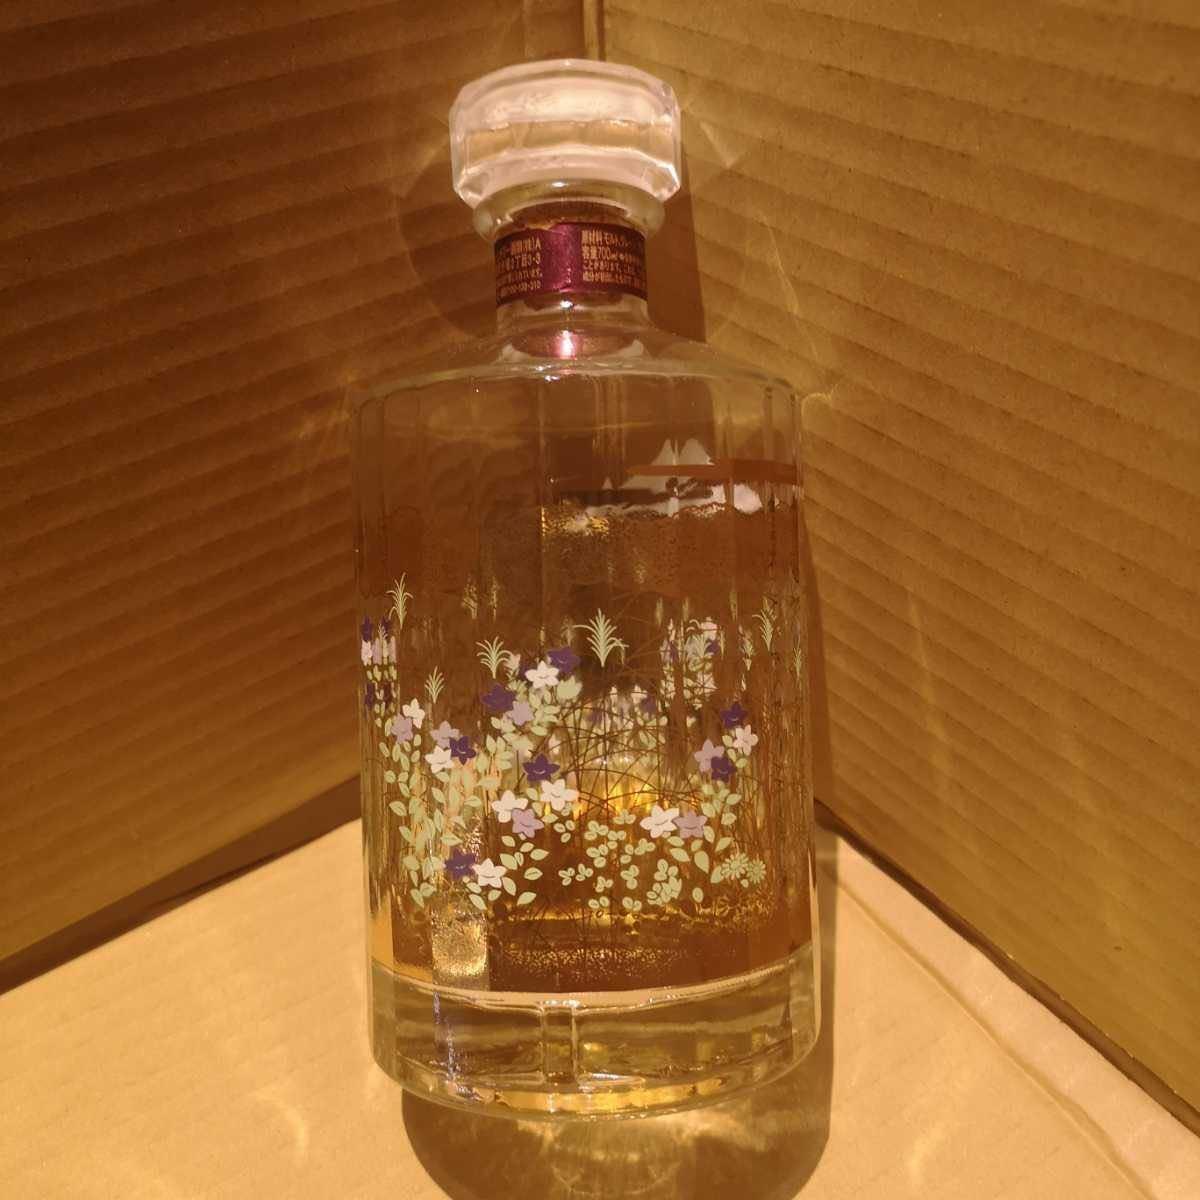 【空瓶のみ】響17年空瓶 武蔵野富士意匠ボトル、響ウイスキーサントリーウイスキー_画像2